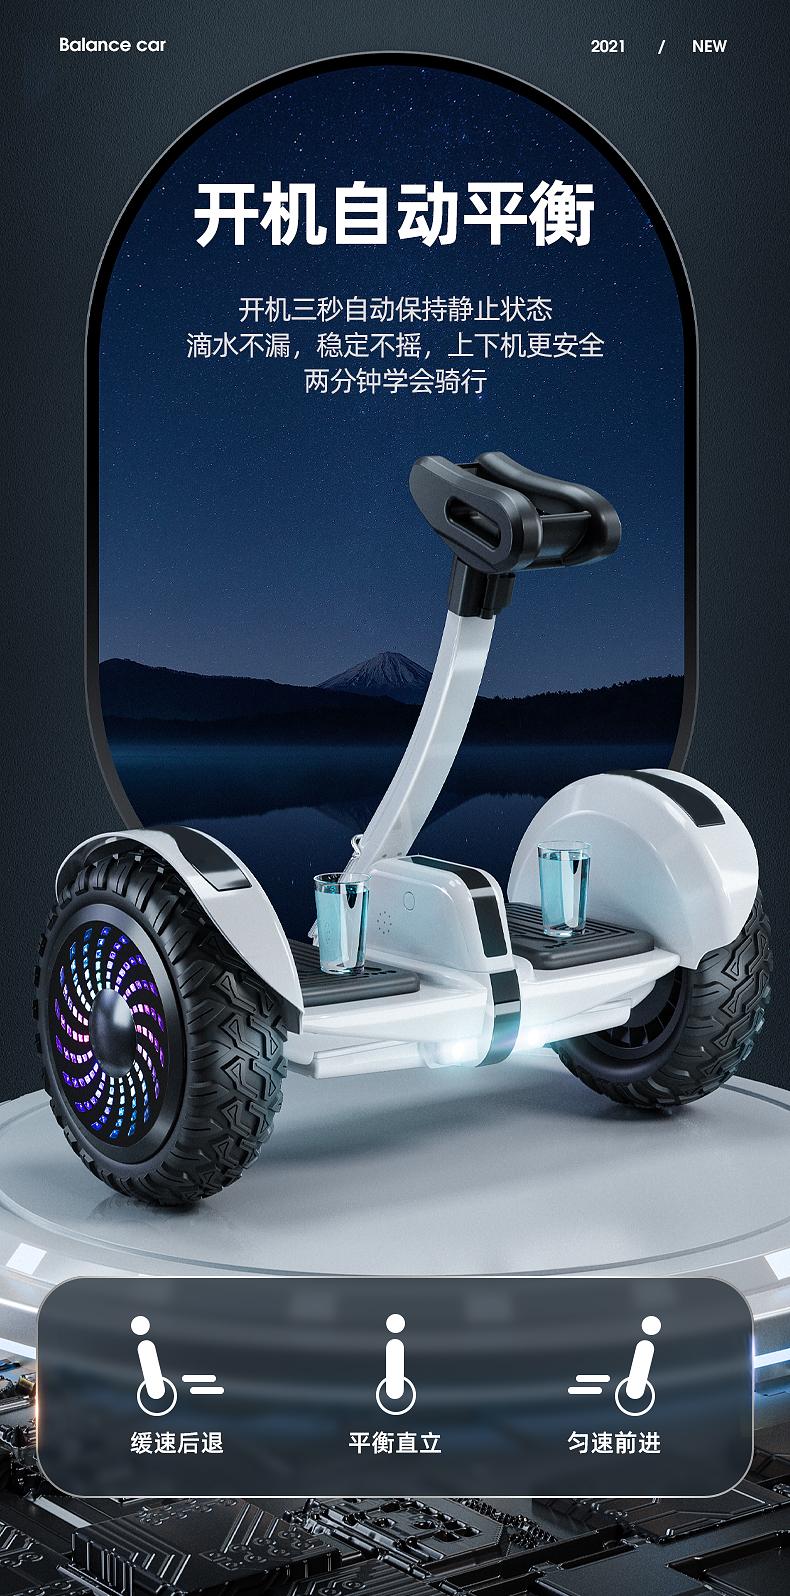 左拉旗舰店电动儿童自平衡车腿控双轮学生两轮智能平行车带扶杆详细照片